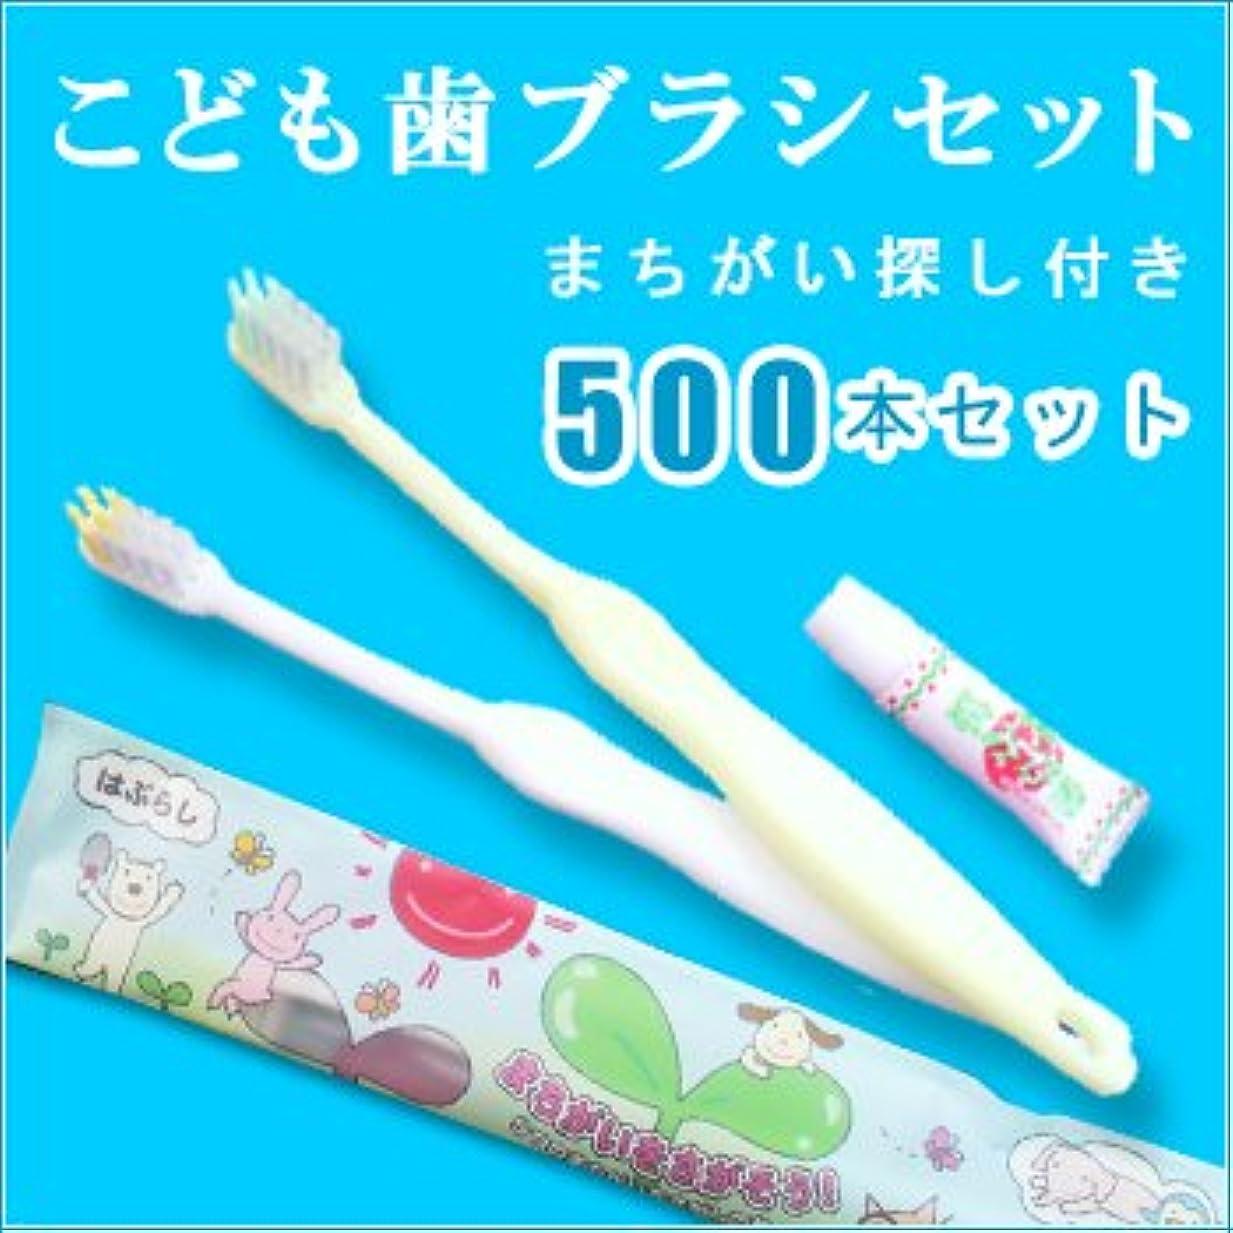 こども用歯ブラシ いちご味の歯磨き粉 3gチューブ付 ホワイト?イエロー2色アソート(1セット500本)1本当たり34円